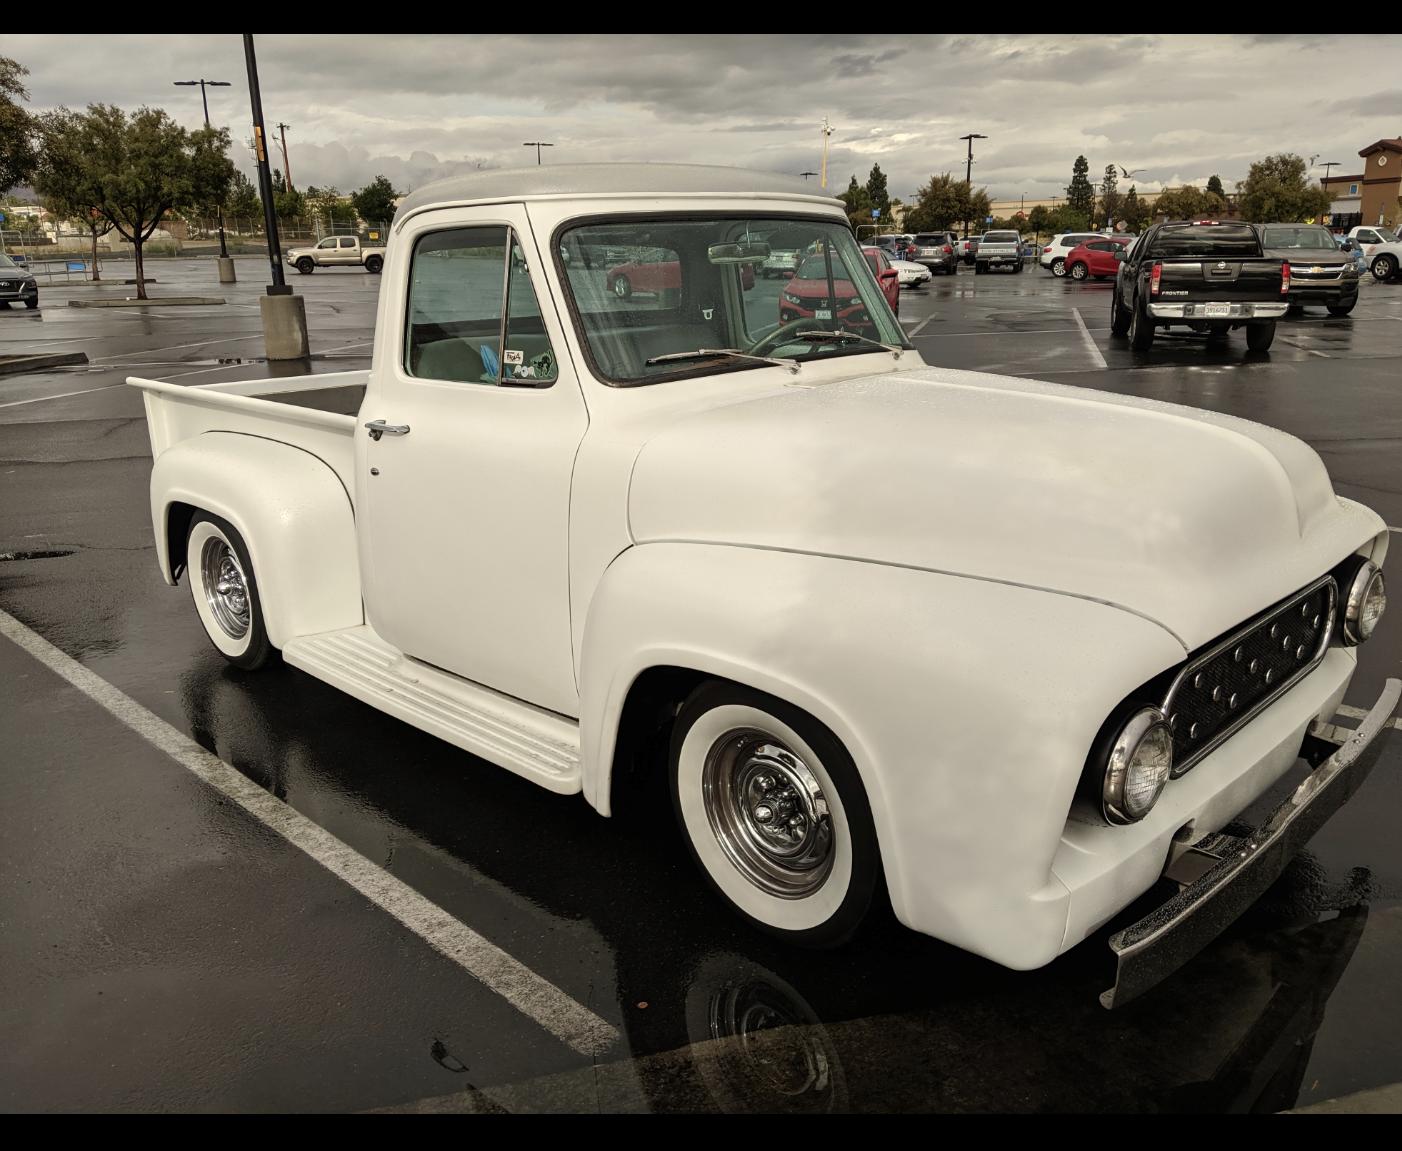 Scott Bryant's 1954 Ford pickup